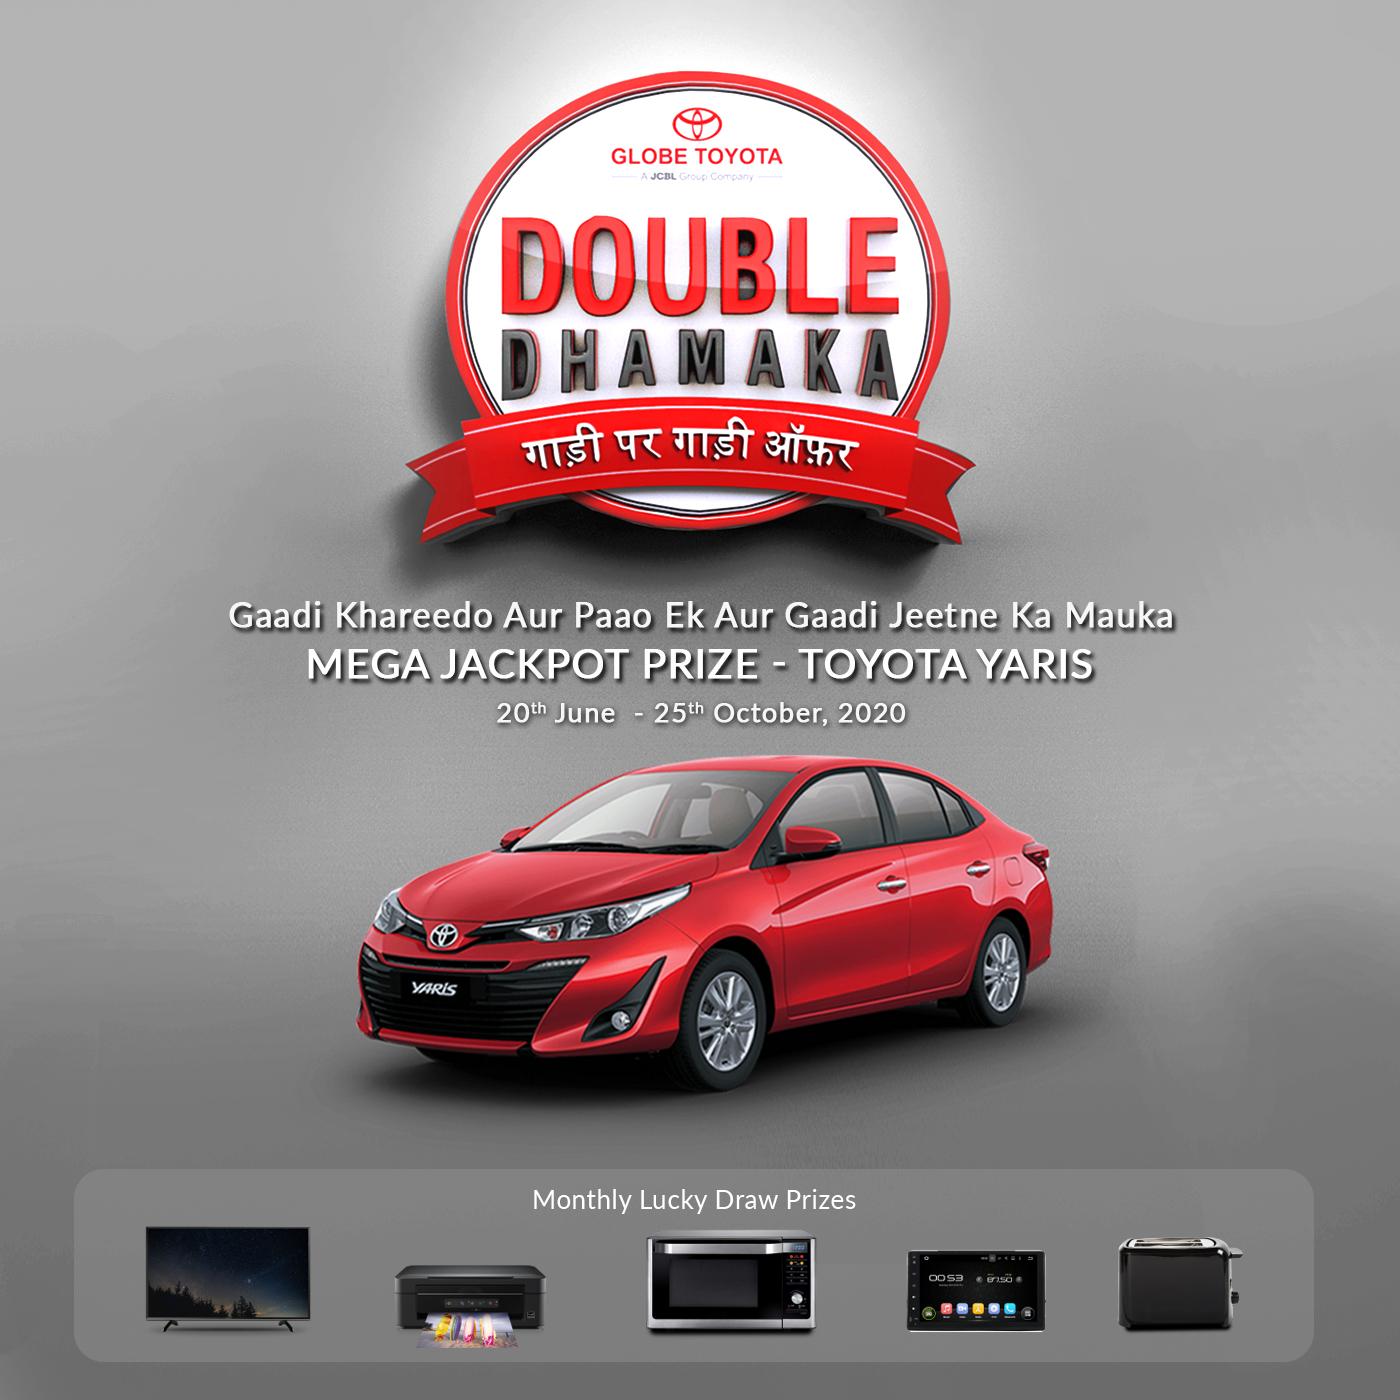 Double Dhamaka Gaadi Par Gaadi Offer in 2020 Toyota